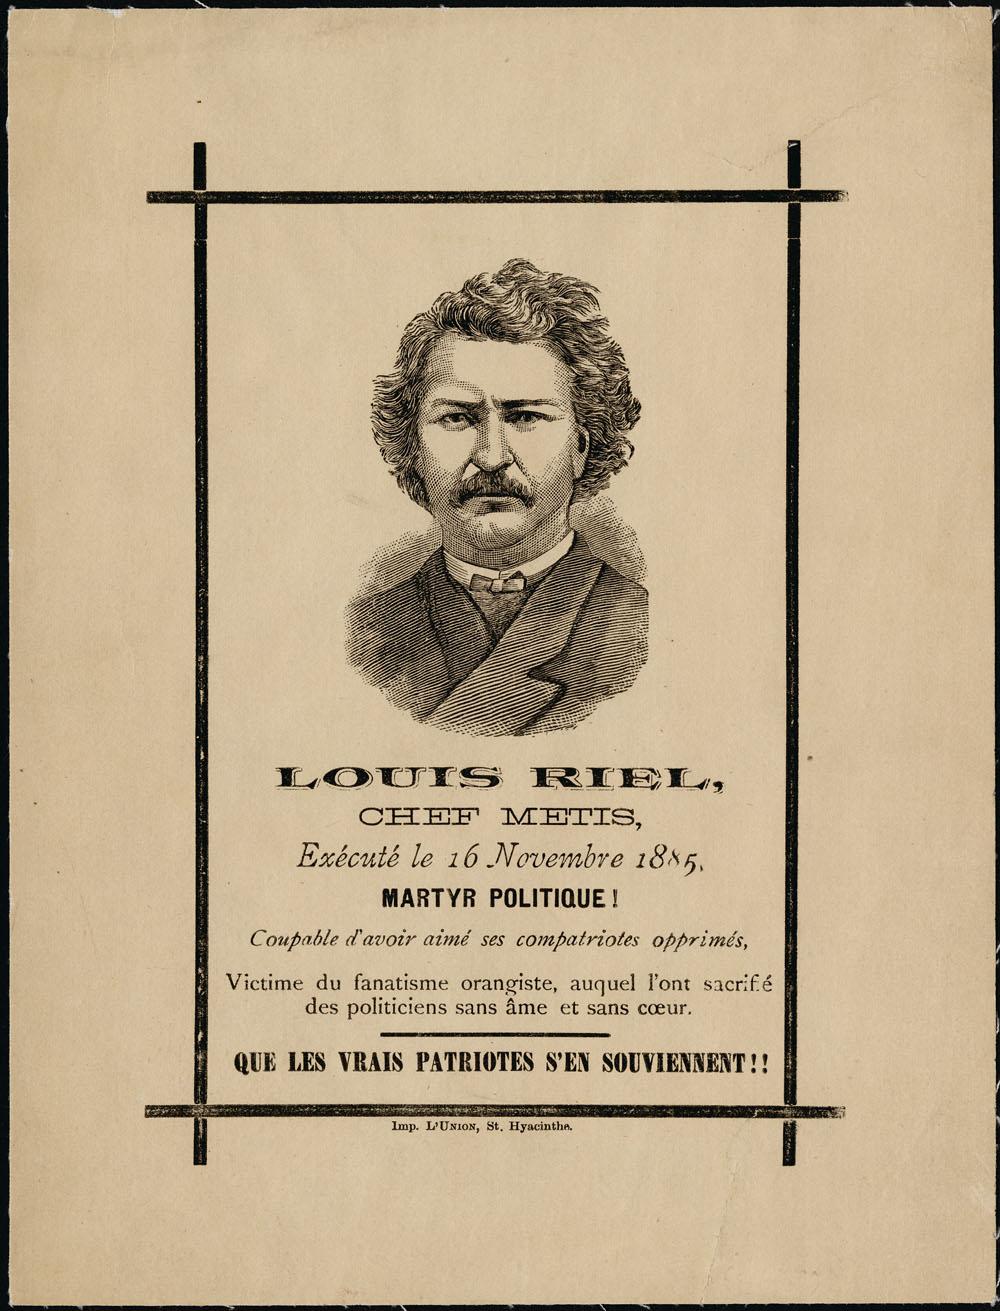 Louis Riel Biography